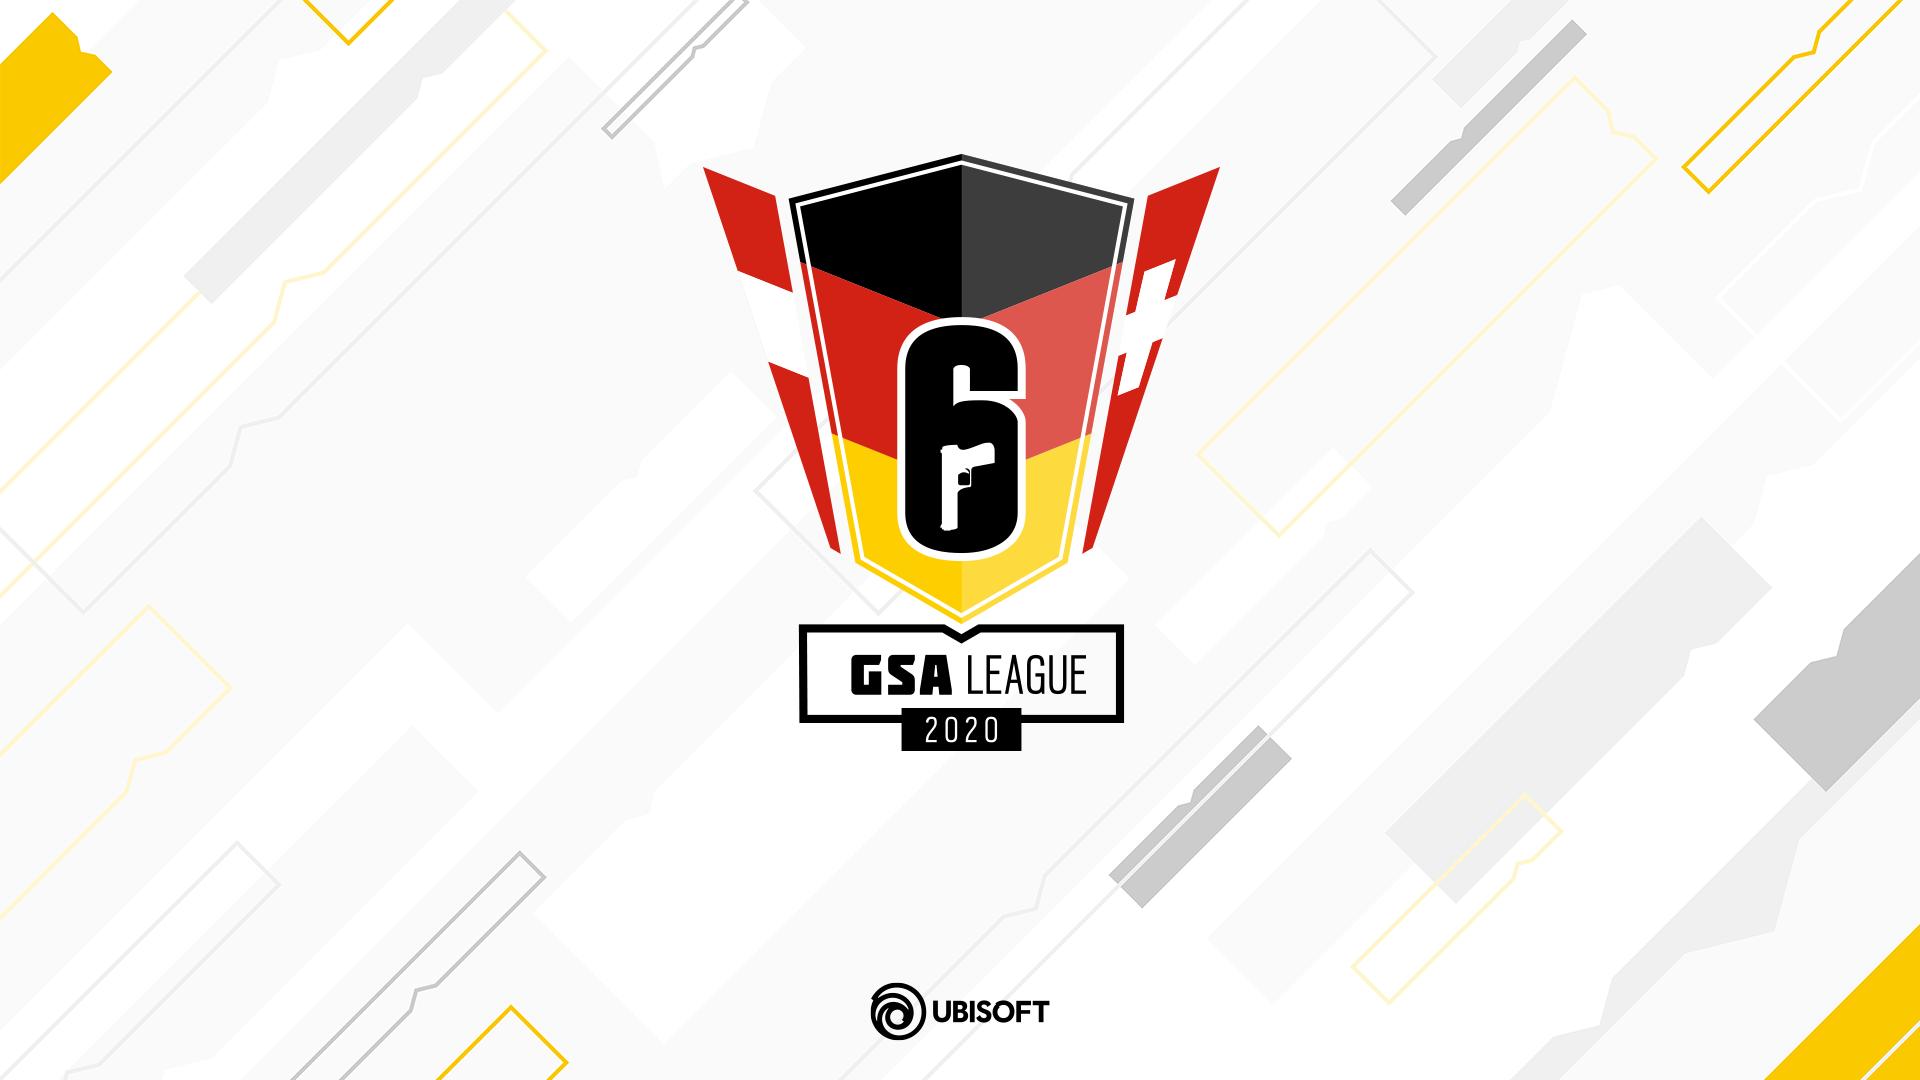 Rainbow Six: Siege – Alle Infos zur GSA League: Zeitplan, Regeln & Preisgeld